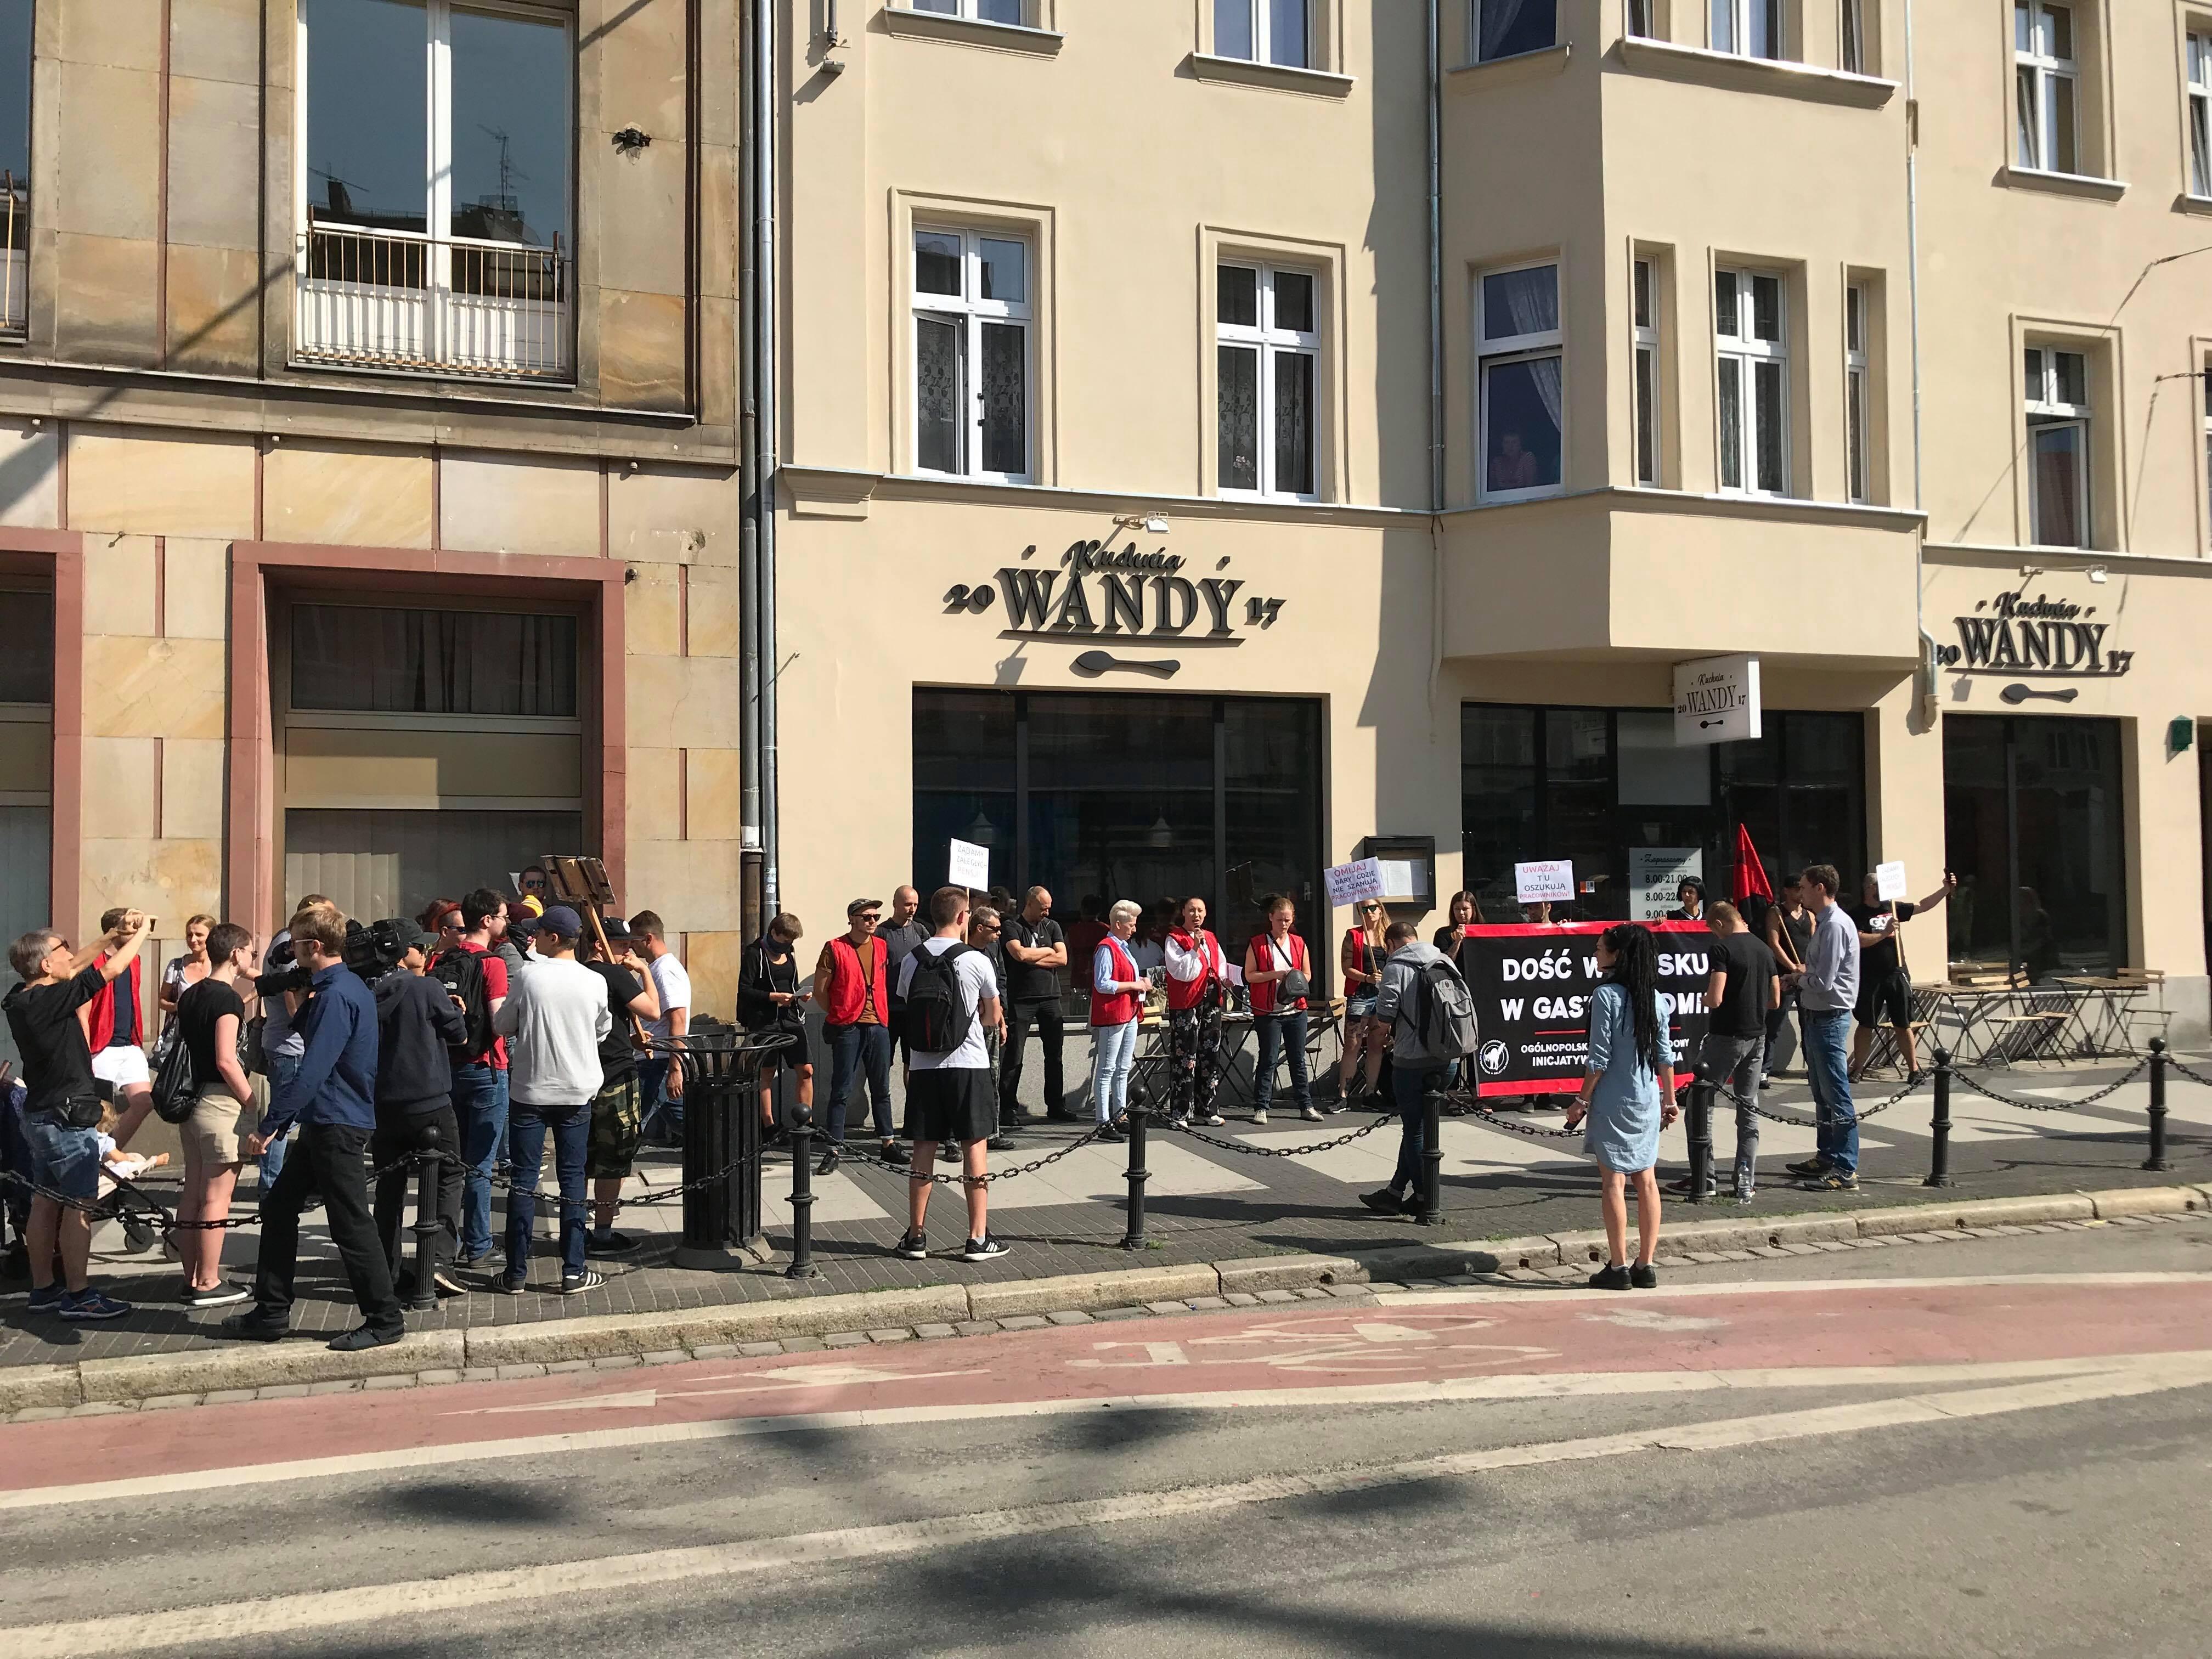 Protest Bylych Pracownikow Pod Restauracja Kuchnia Wandy Domagaja